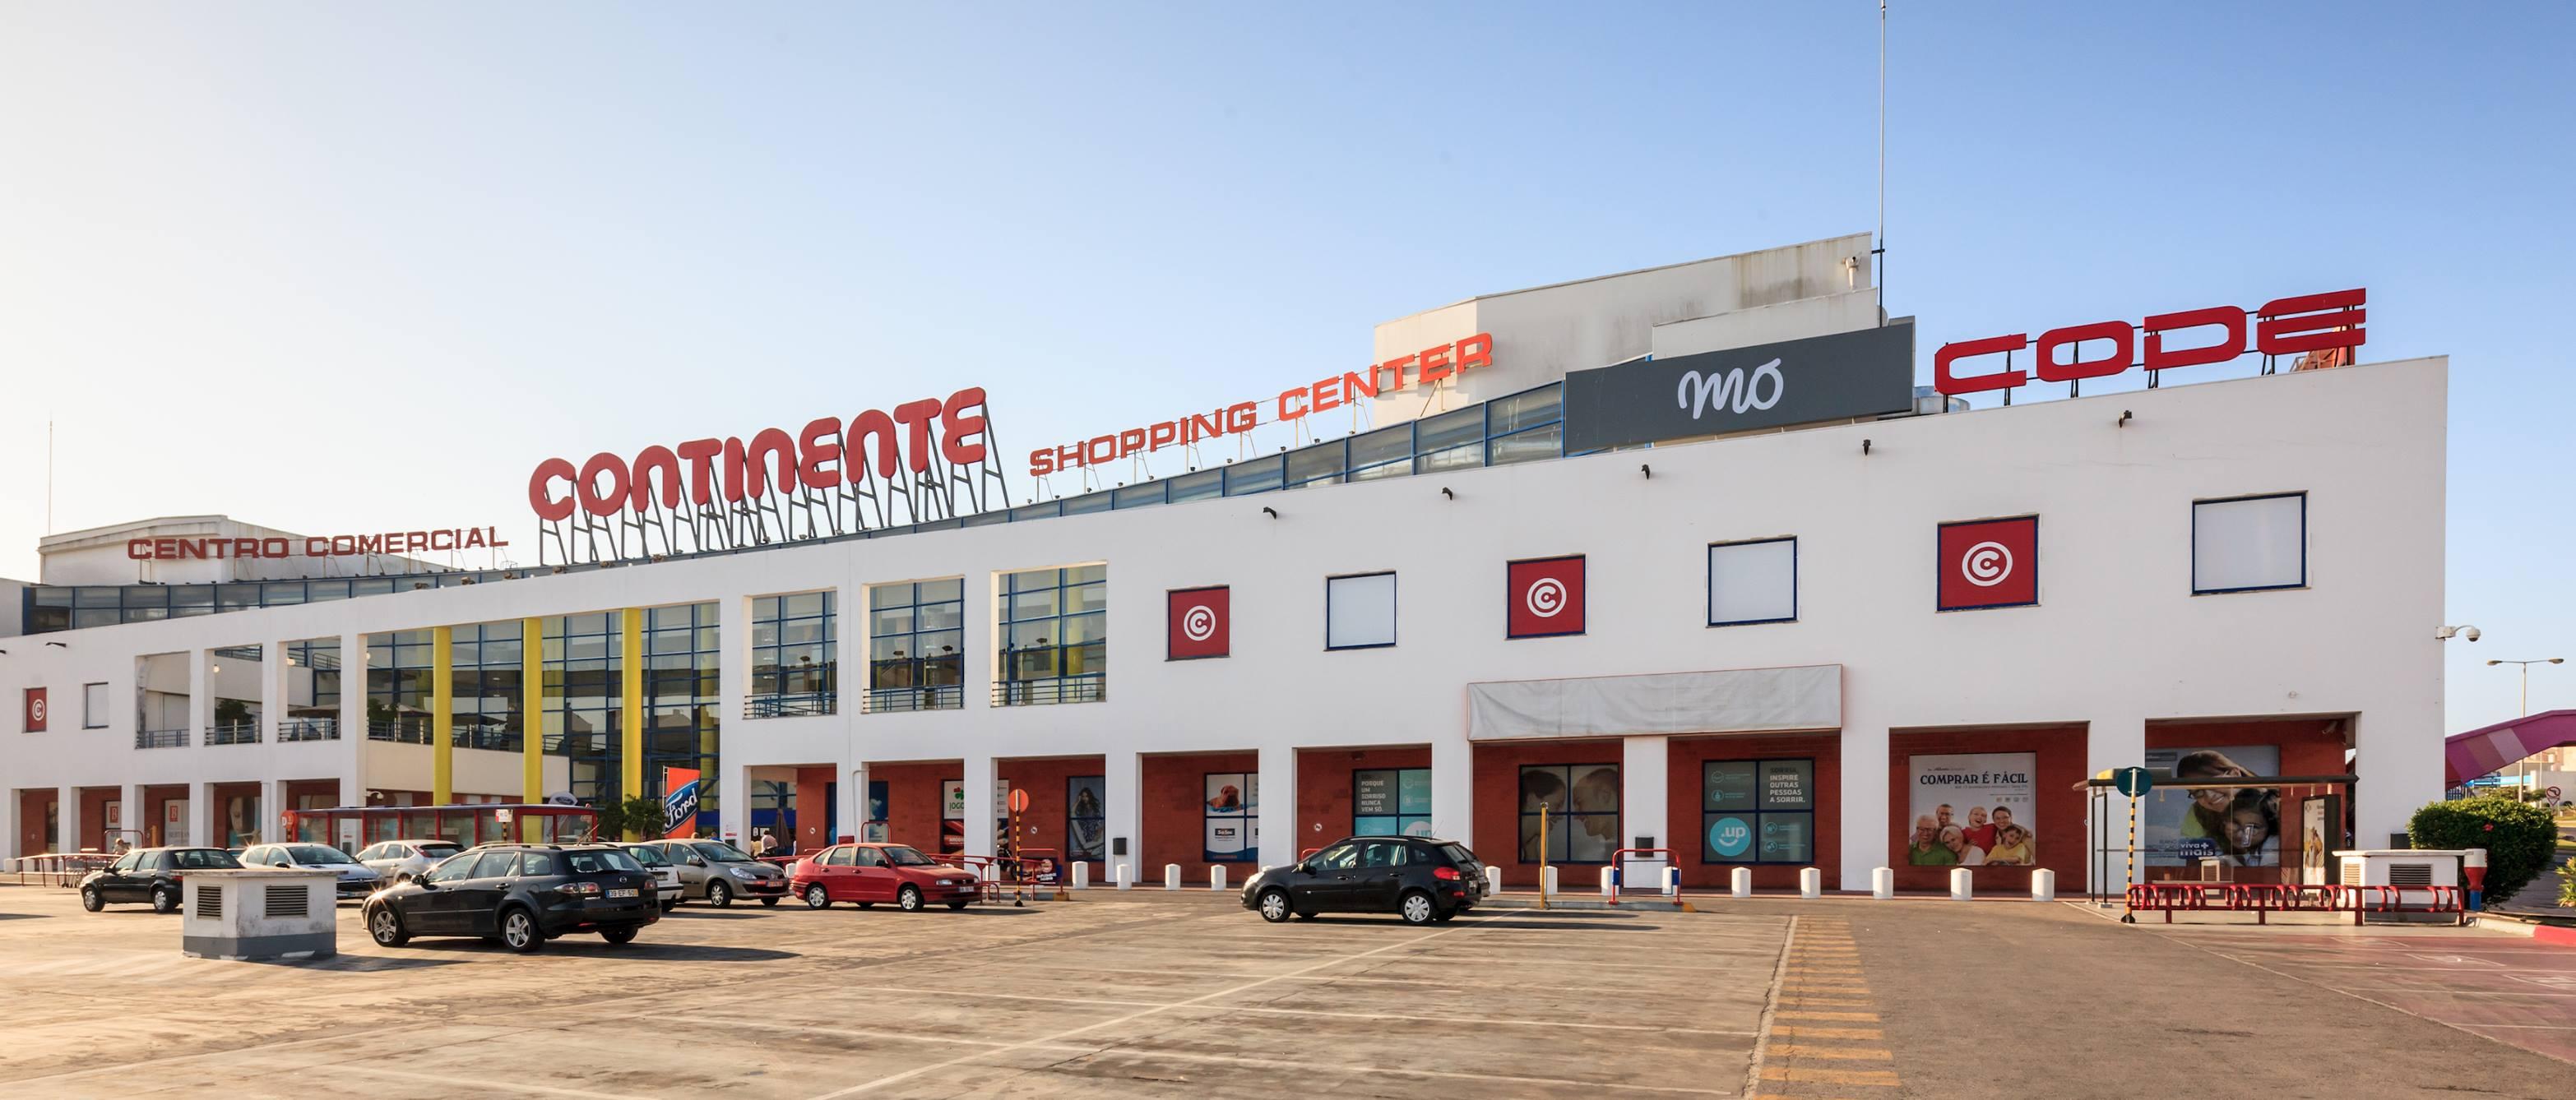 Comprar shoppings est na moda em portugal porqu eco - Centro comercial moda shoping ...